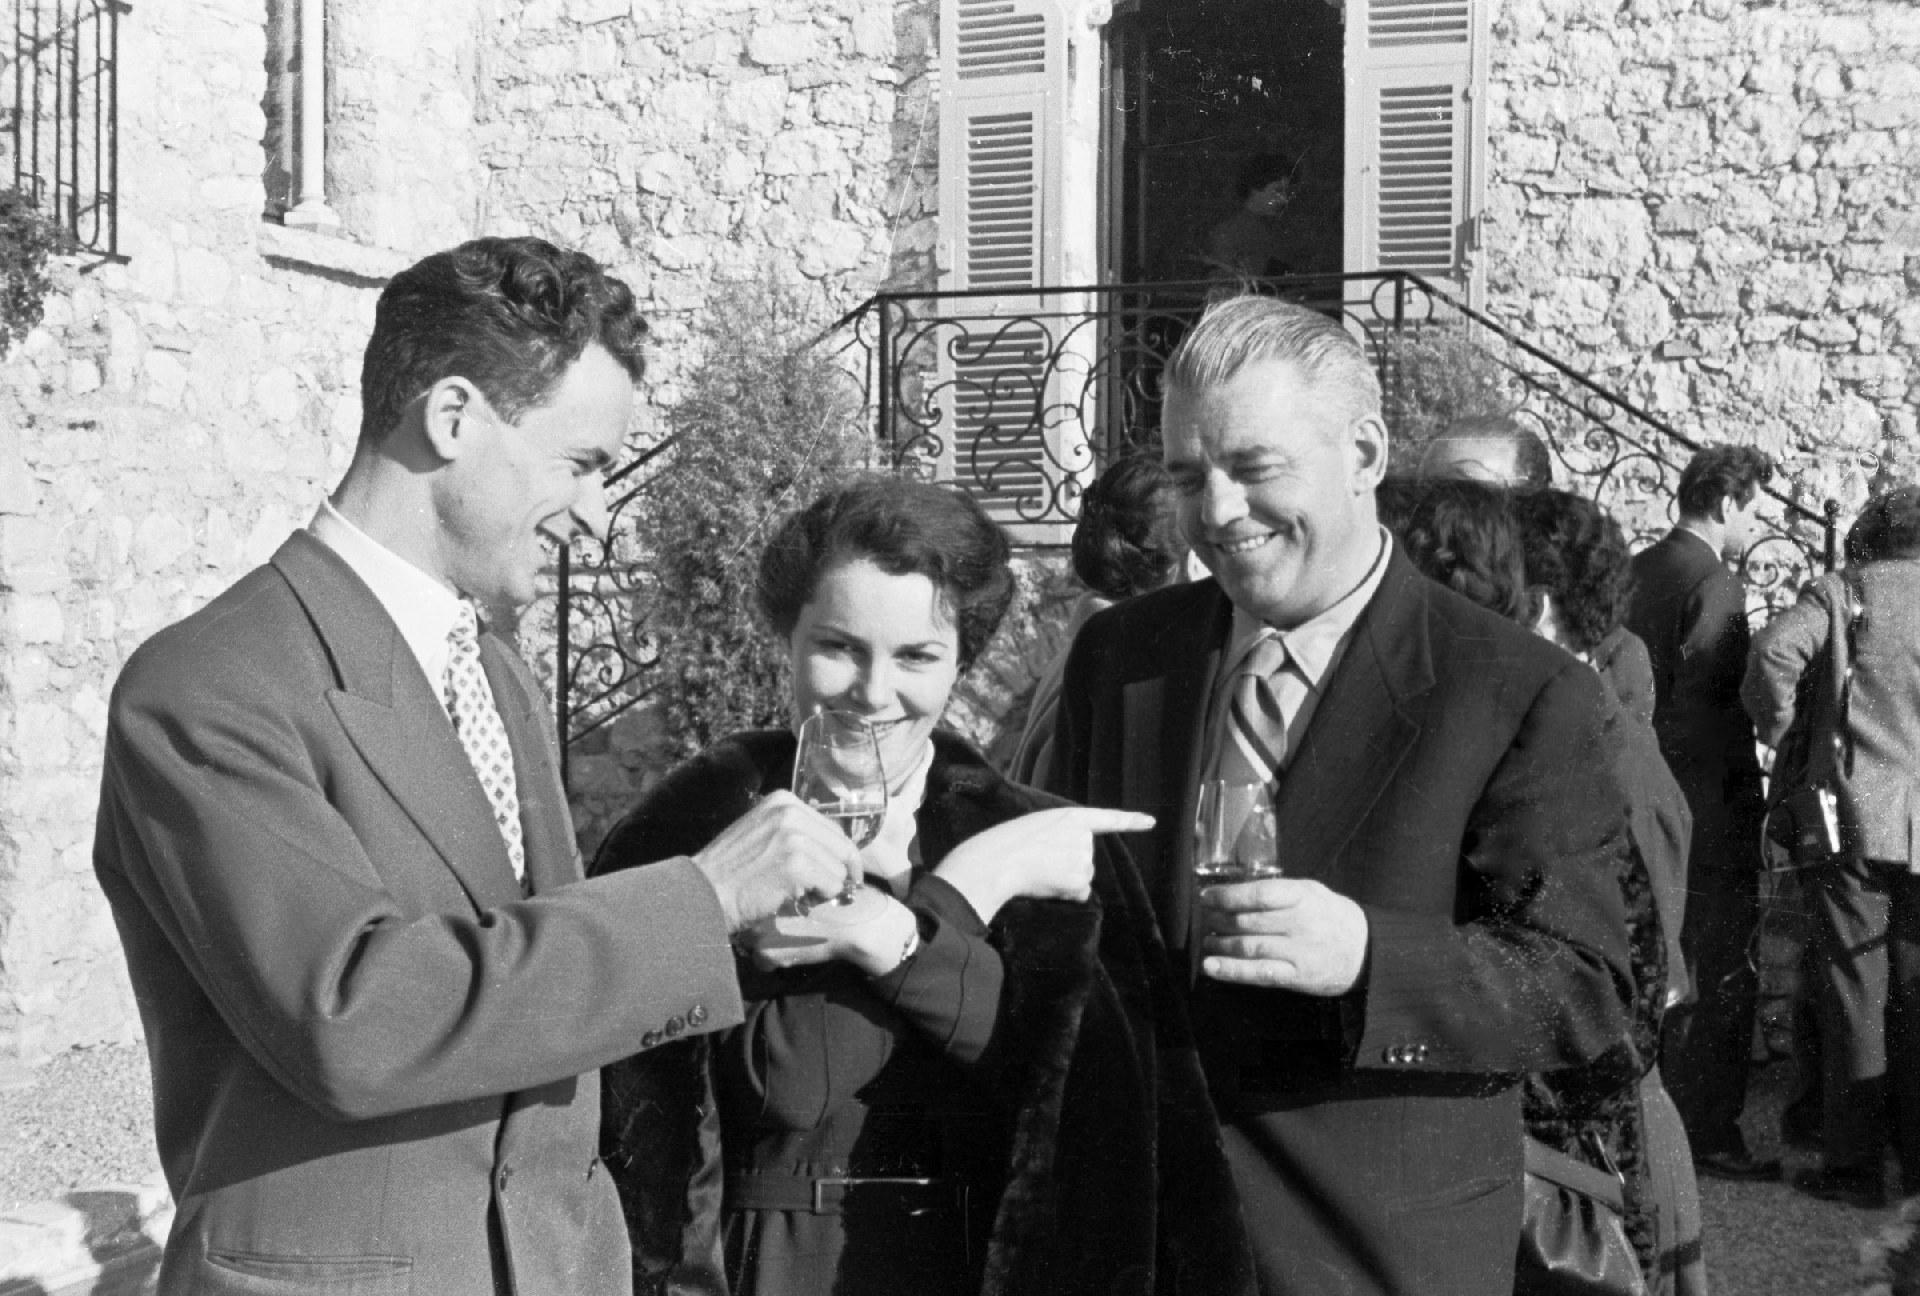 Экспонат #146. С Быстрицкой. Неделя советского кино во Франция. 1955 год